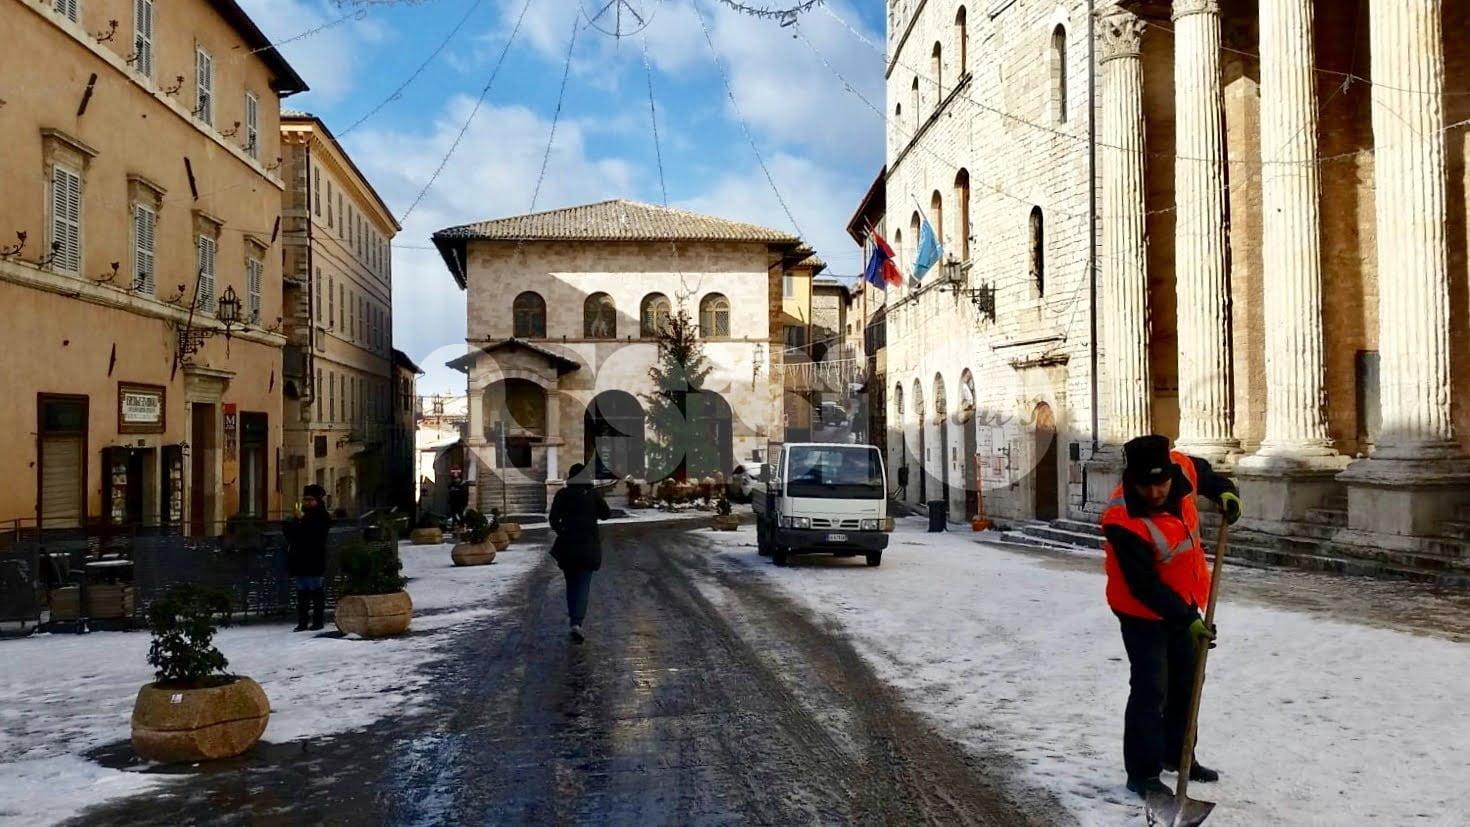 Neve ad Assisi: non mancano i disagi per il ghiaccio e le proteste sui social